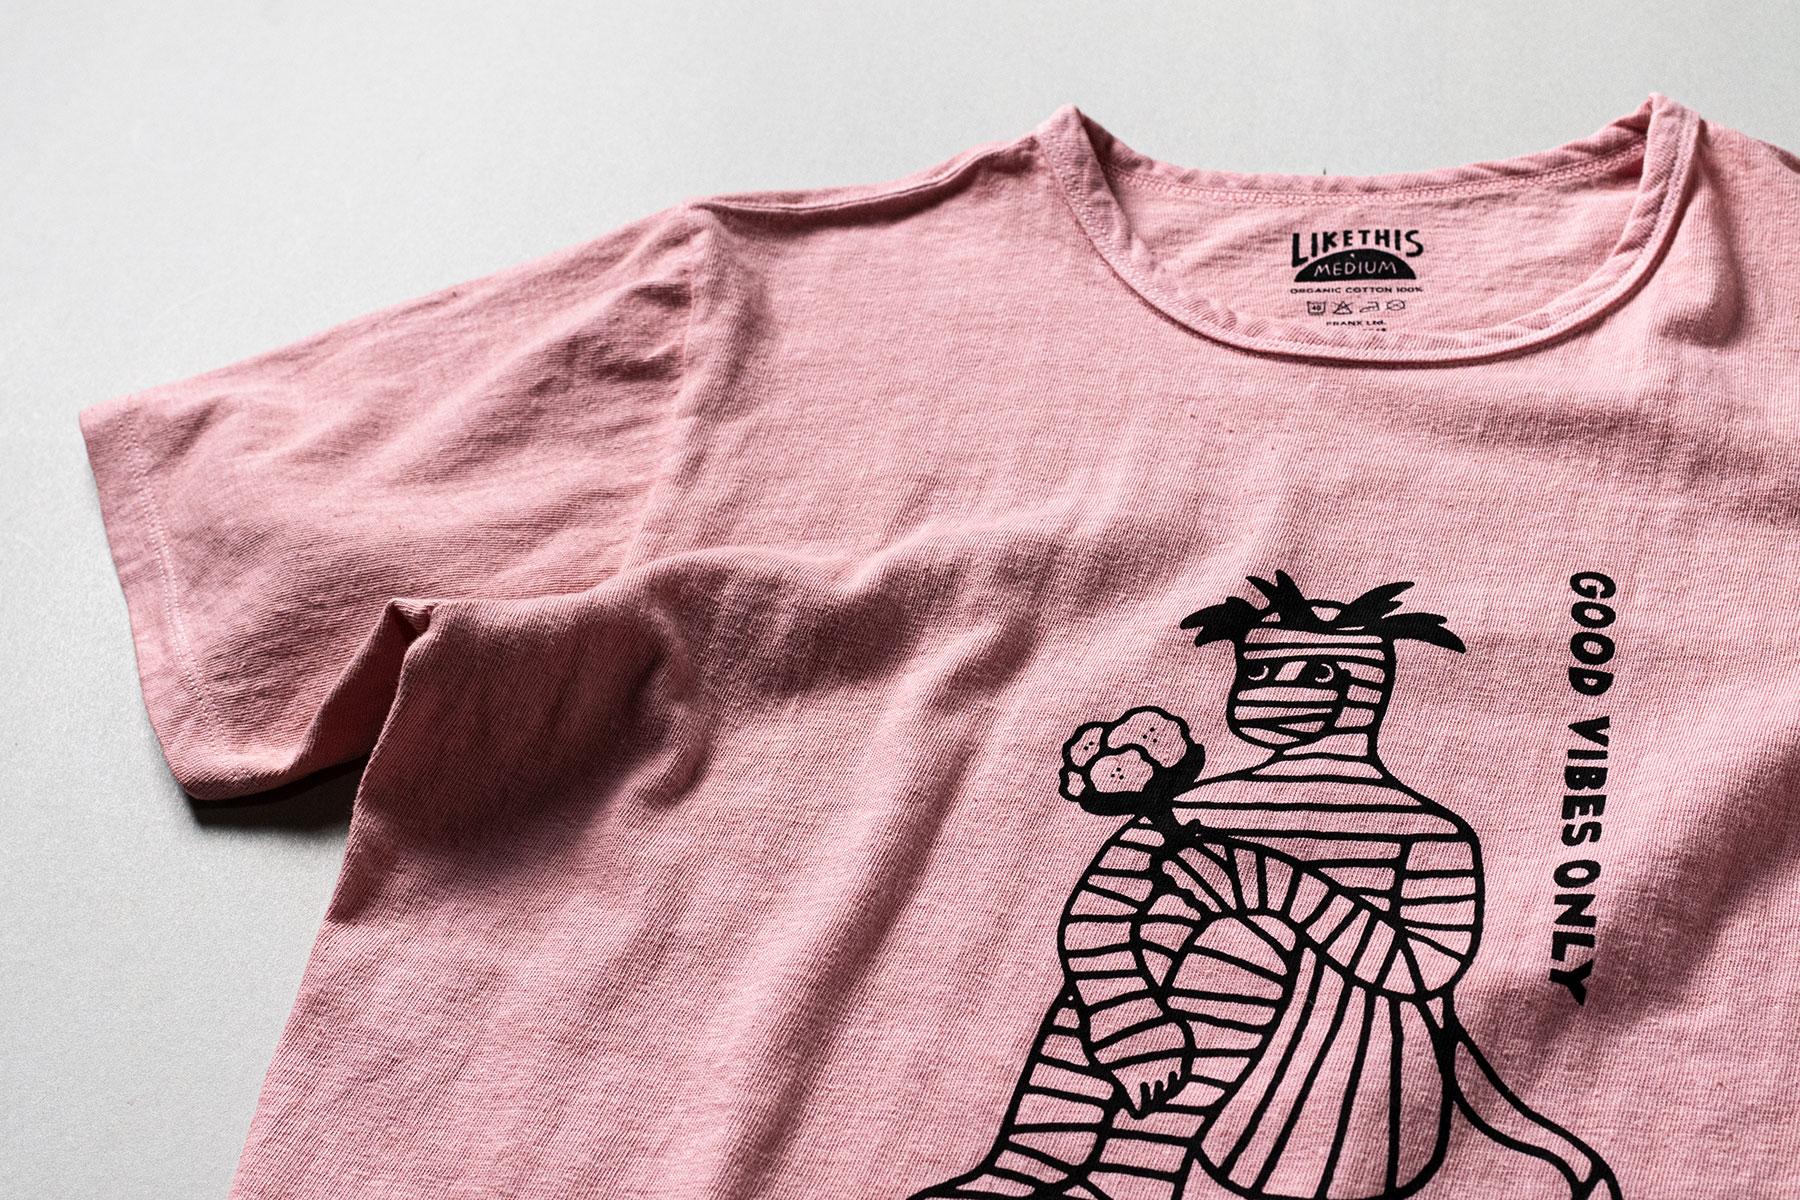 オーガニックコットン ボタニカルダイ 山桃染め Tシャツ